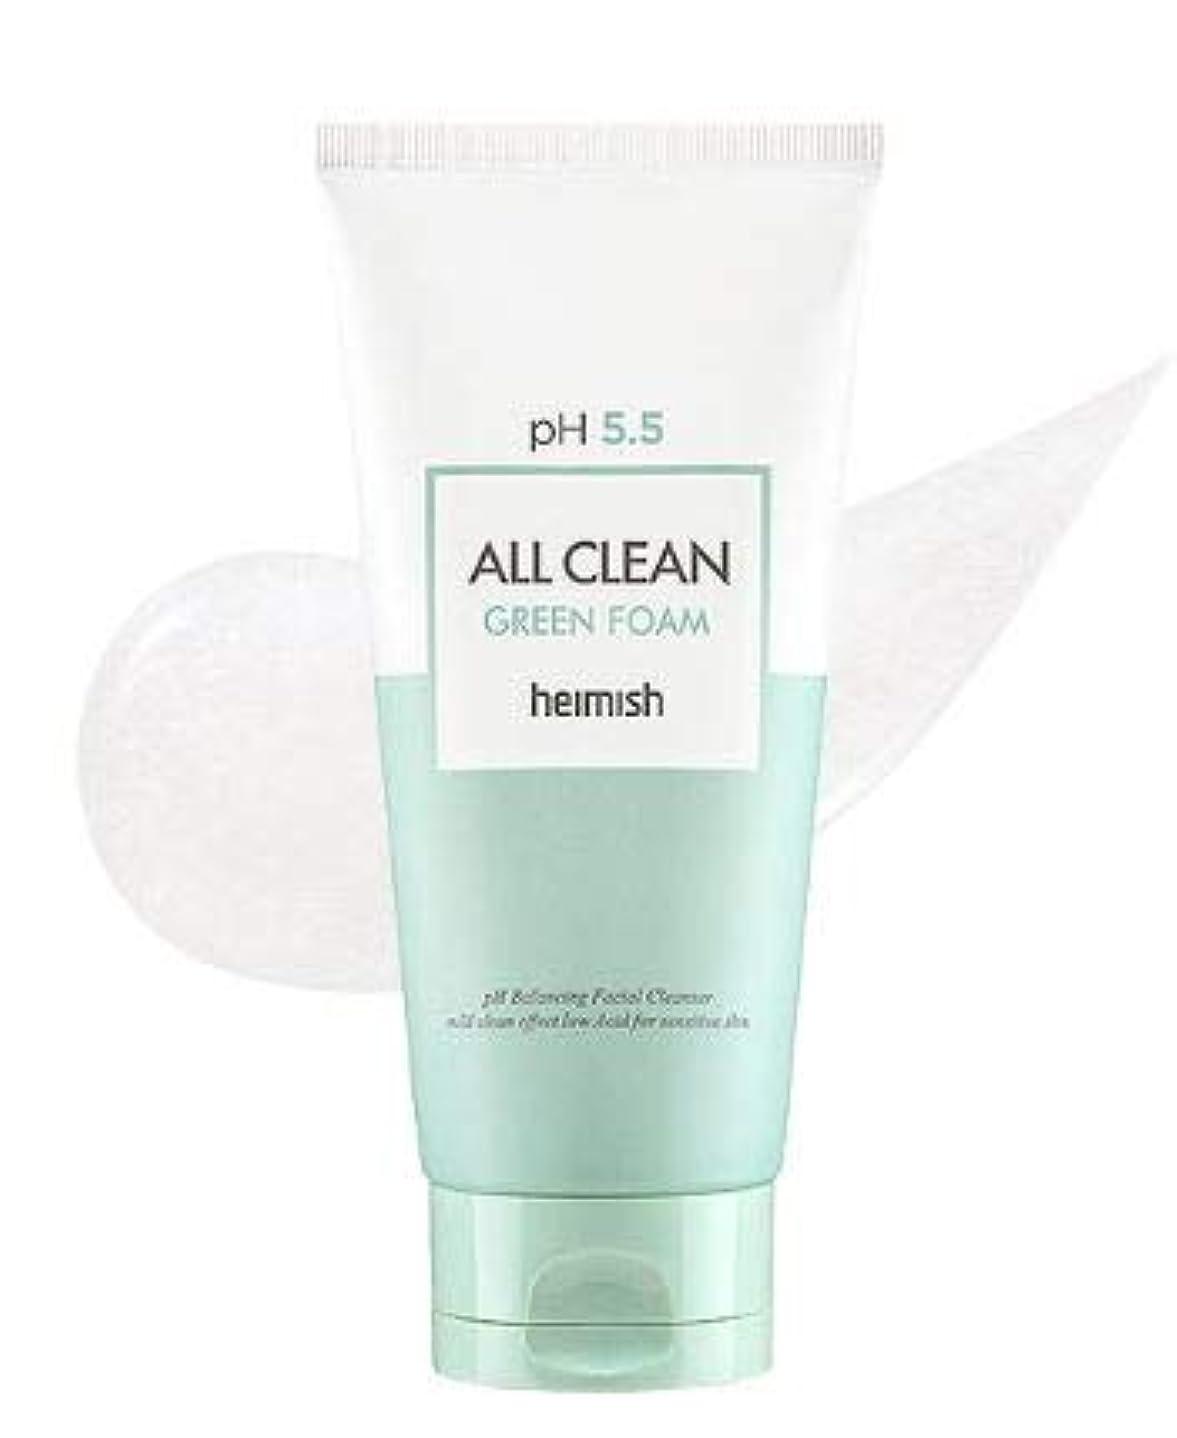 累計失礼な横に[heimish] All Clean Green Foam 150g / [ヘイミッシュ] オールクリーン グリーン フォーム 150g [並行輸入品]